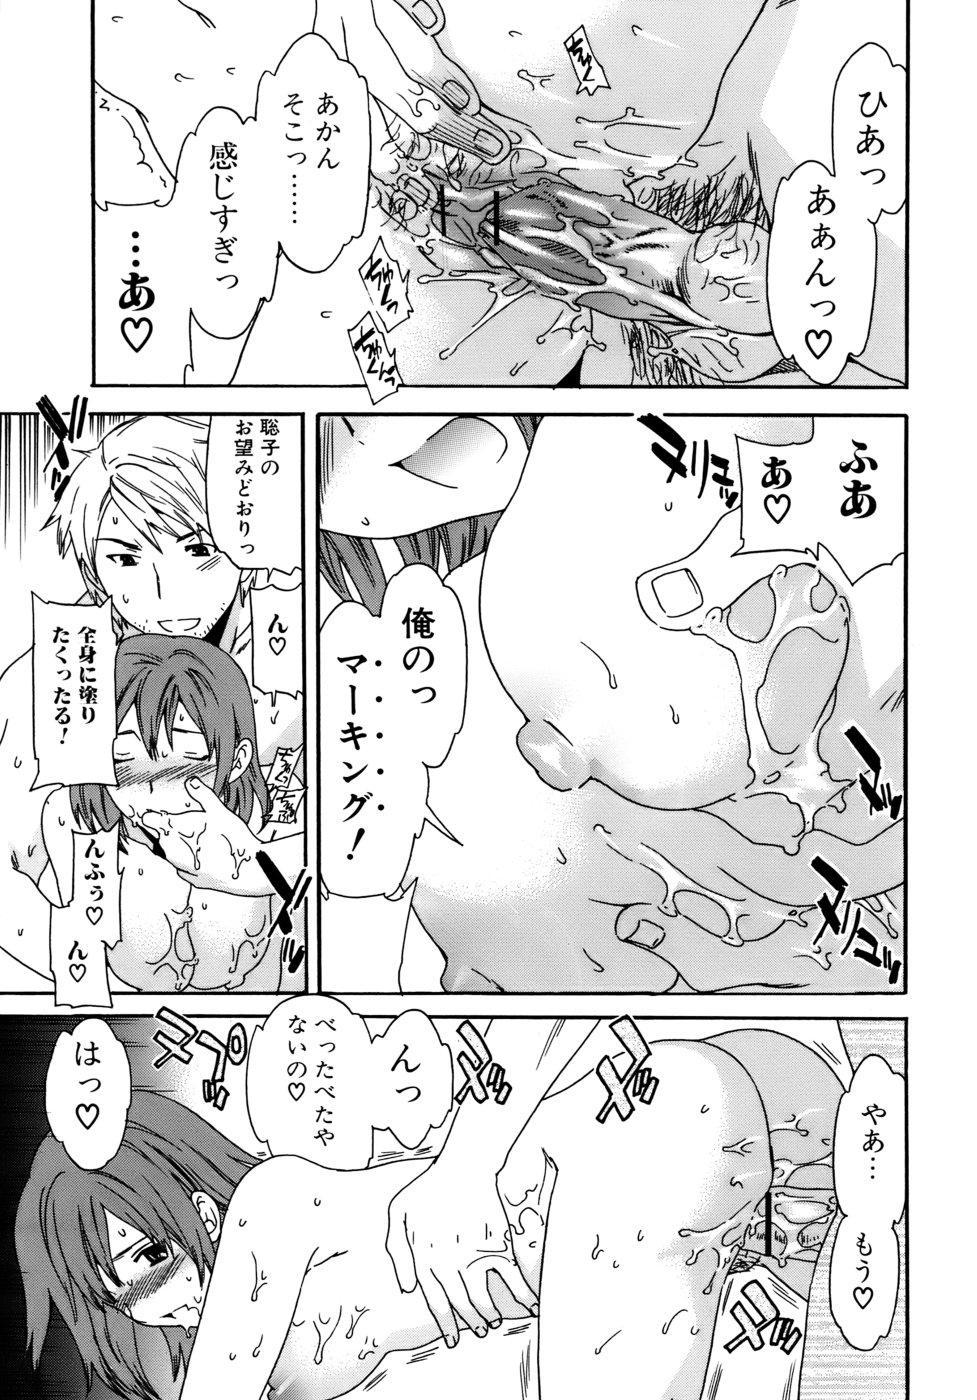 Kanojo no Bitai - Her Coquetry 115